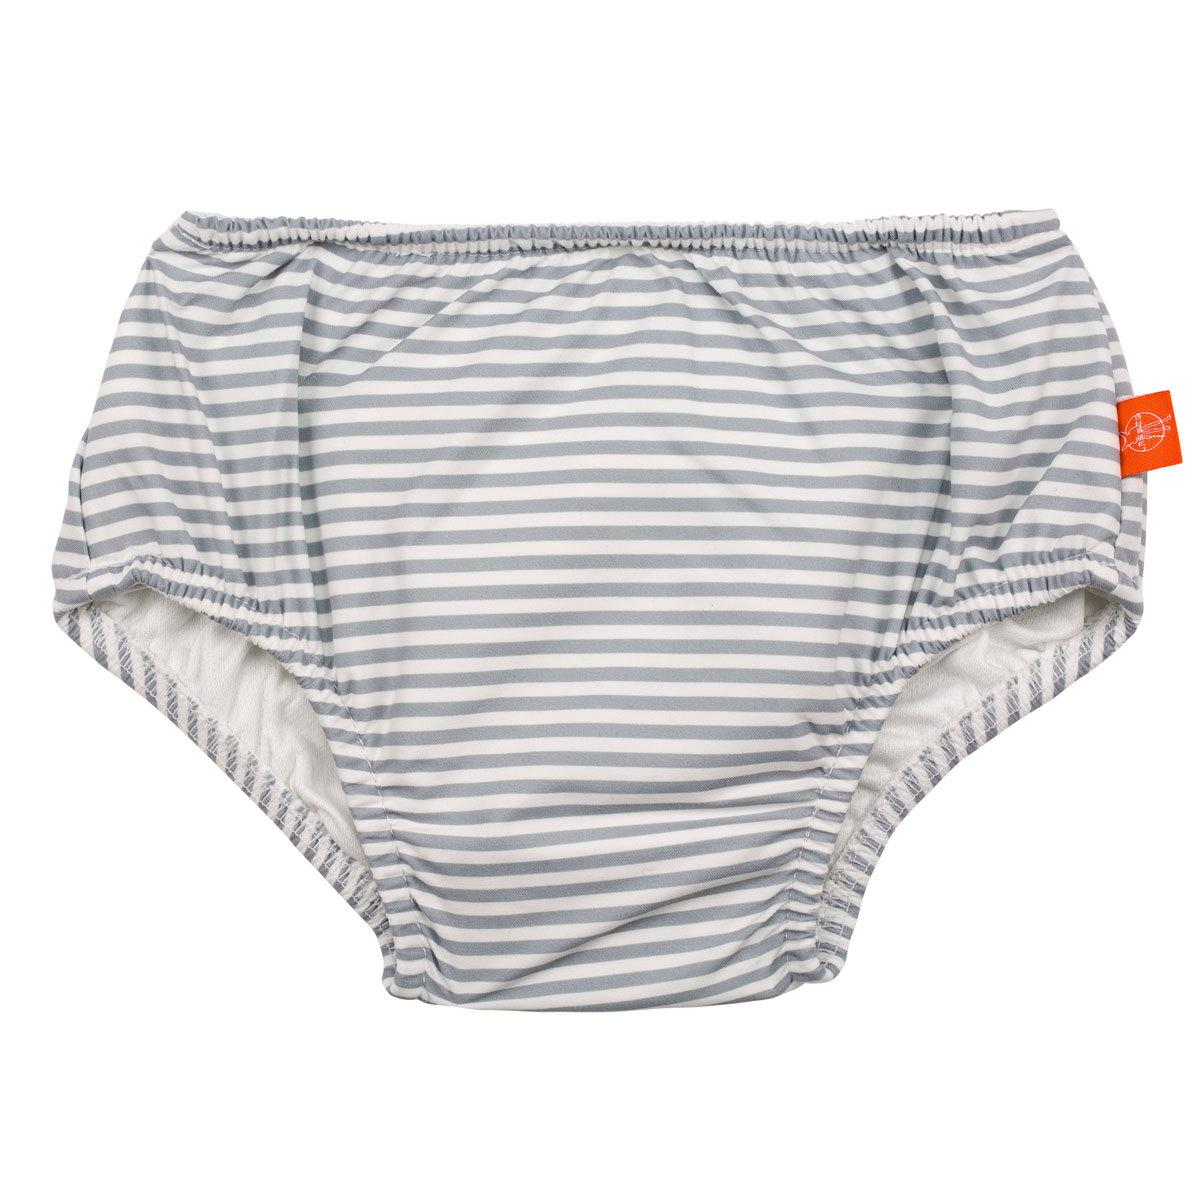 l ssig couche maillot de bain g sous marin 12 mois accessoires b b l ssig sur l 39 armoire. Black Bedroom Furniture Sets. Home Design Ideas